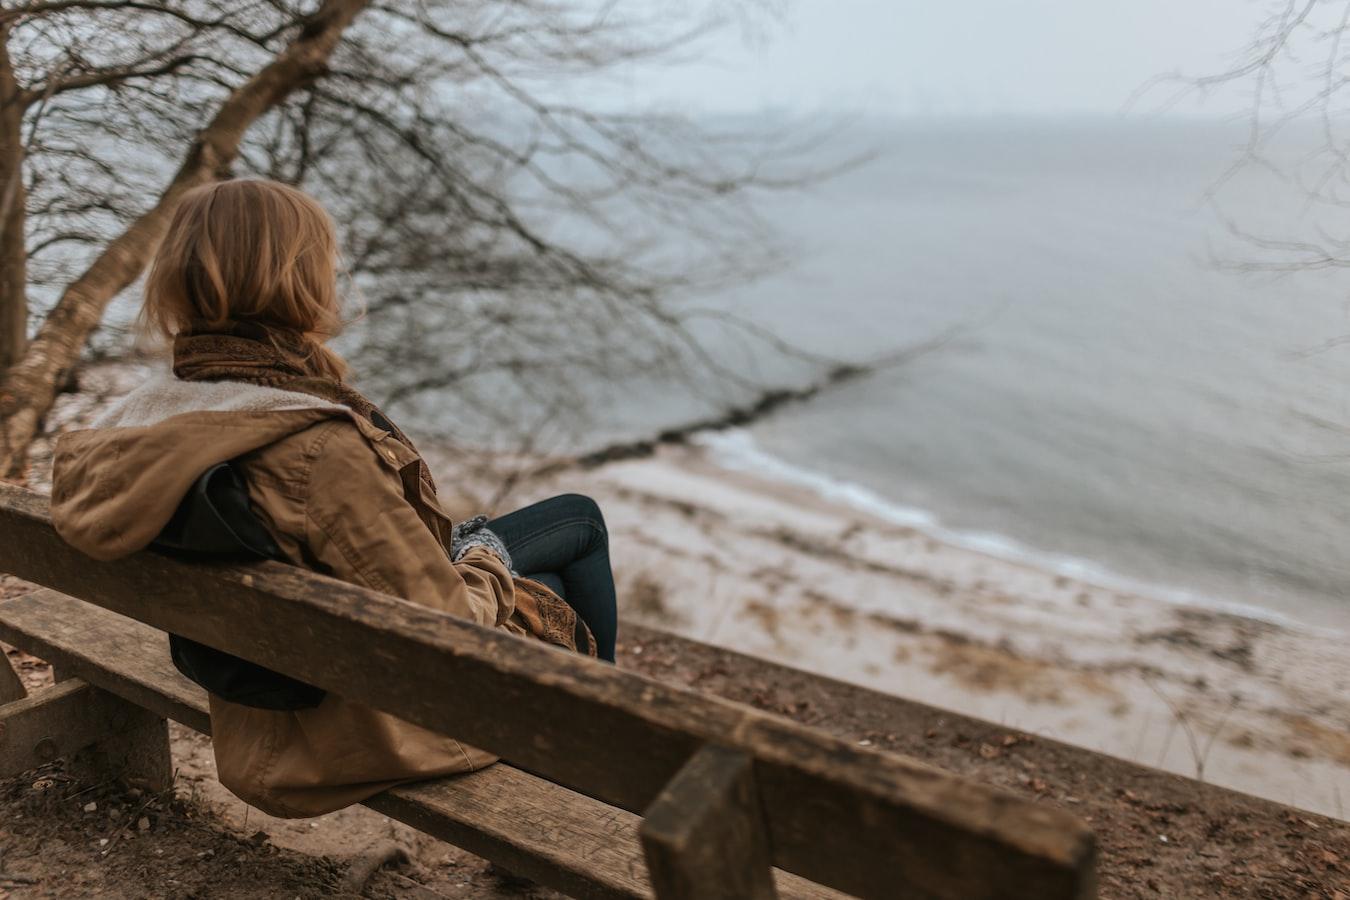 回憶是人生中的堆肥:過去的「不夠好」,讓你成為獨特的自己- 失落戀花園|蔡宜芳 諮商心理師